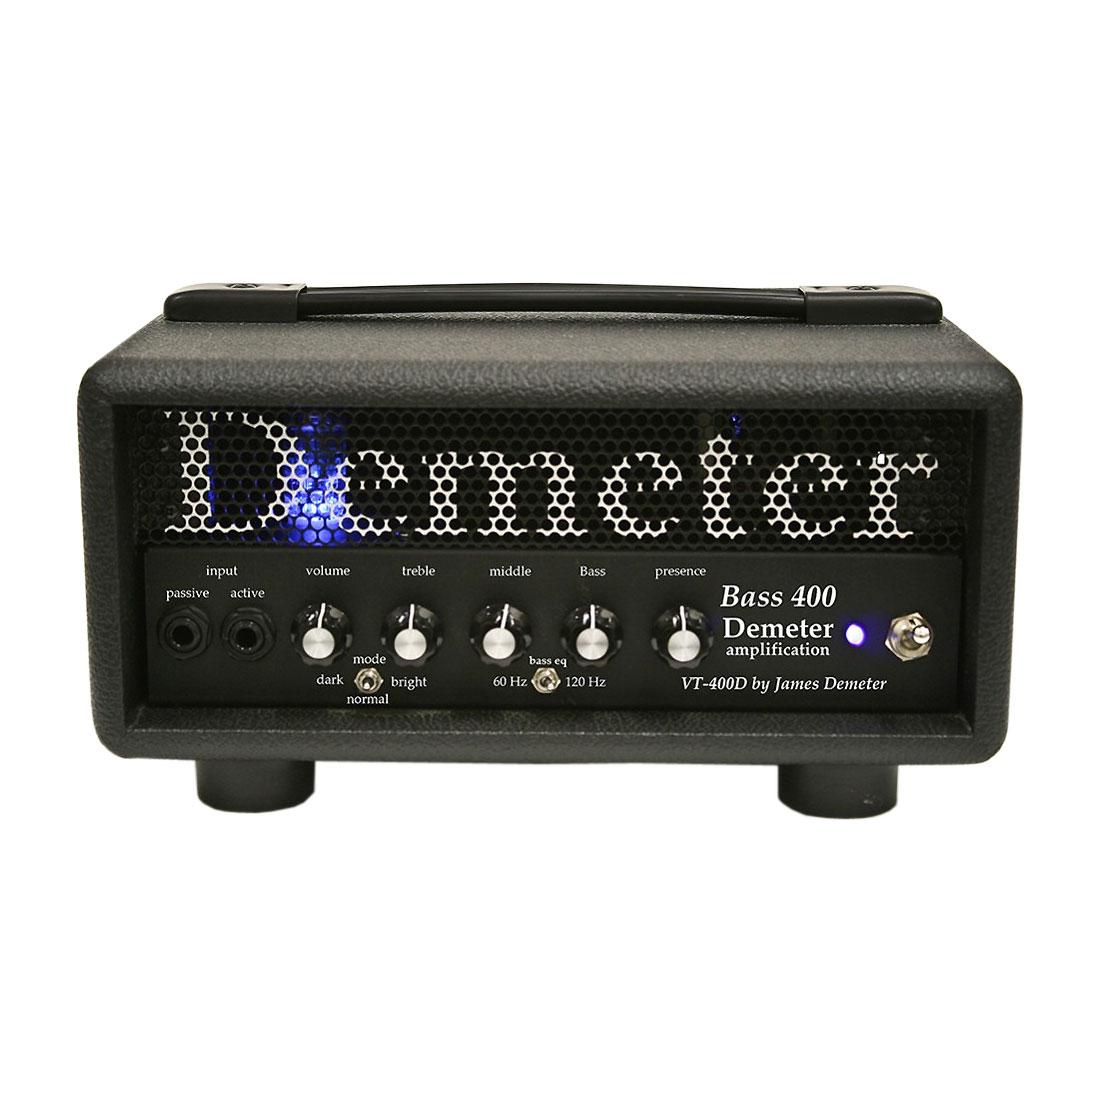 Demeter-Amplification-Bass-400-Tolex-1000x1000